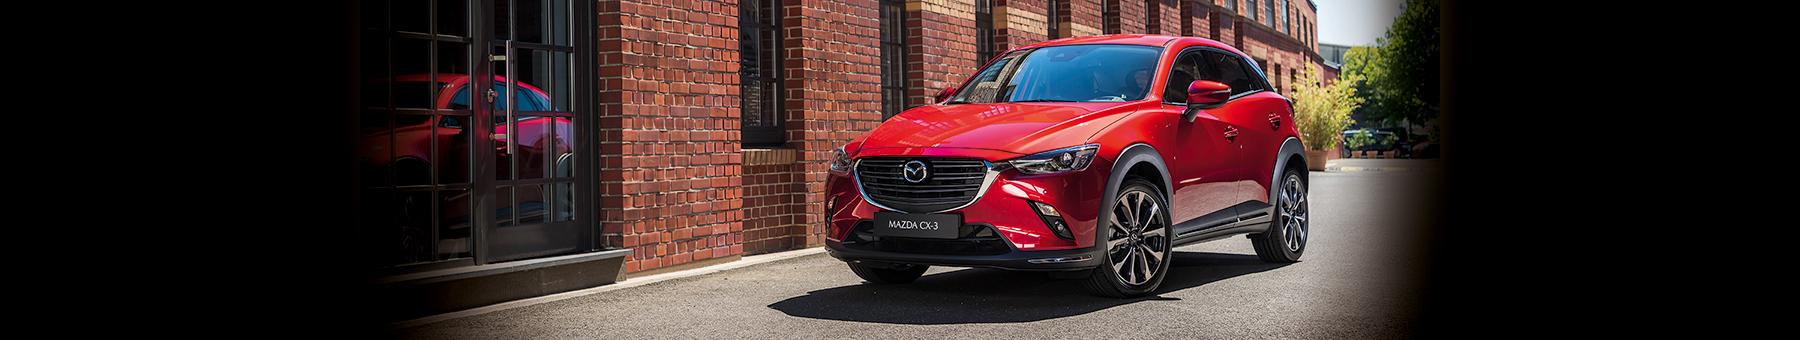 CX-3 modeljaar 2021